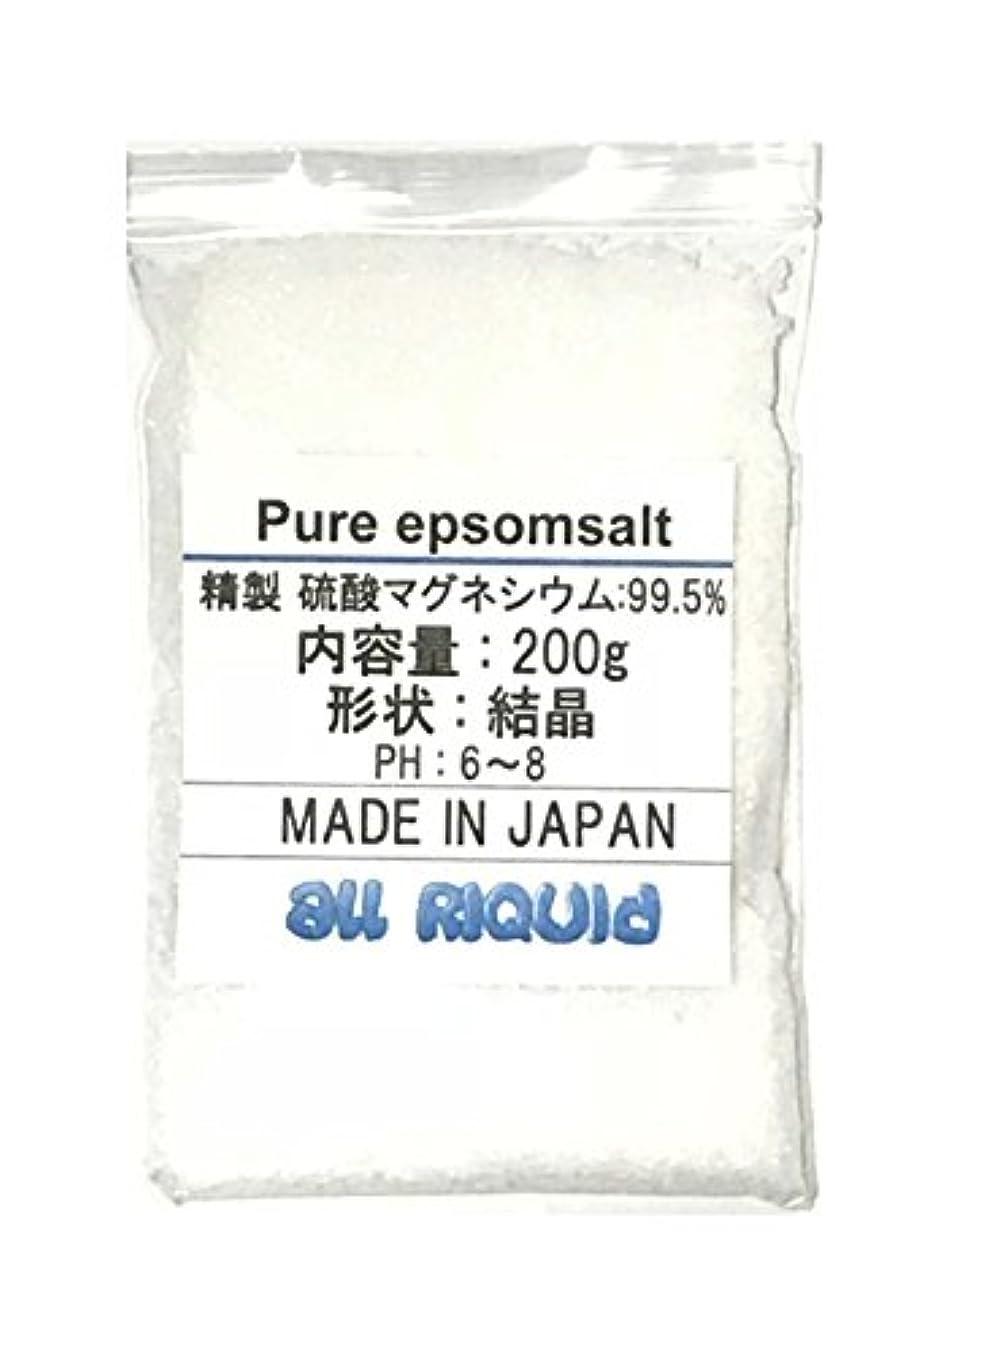 蒸留する作成するアレンジ純 エプソム 無香料 200g x2 (硫酸マグネシウム) 2回分 99.5% 国産品 オールリキッド